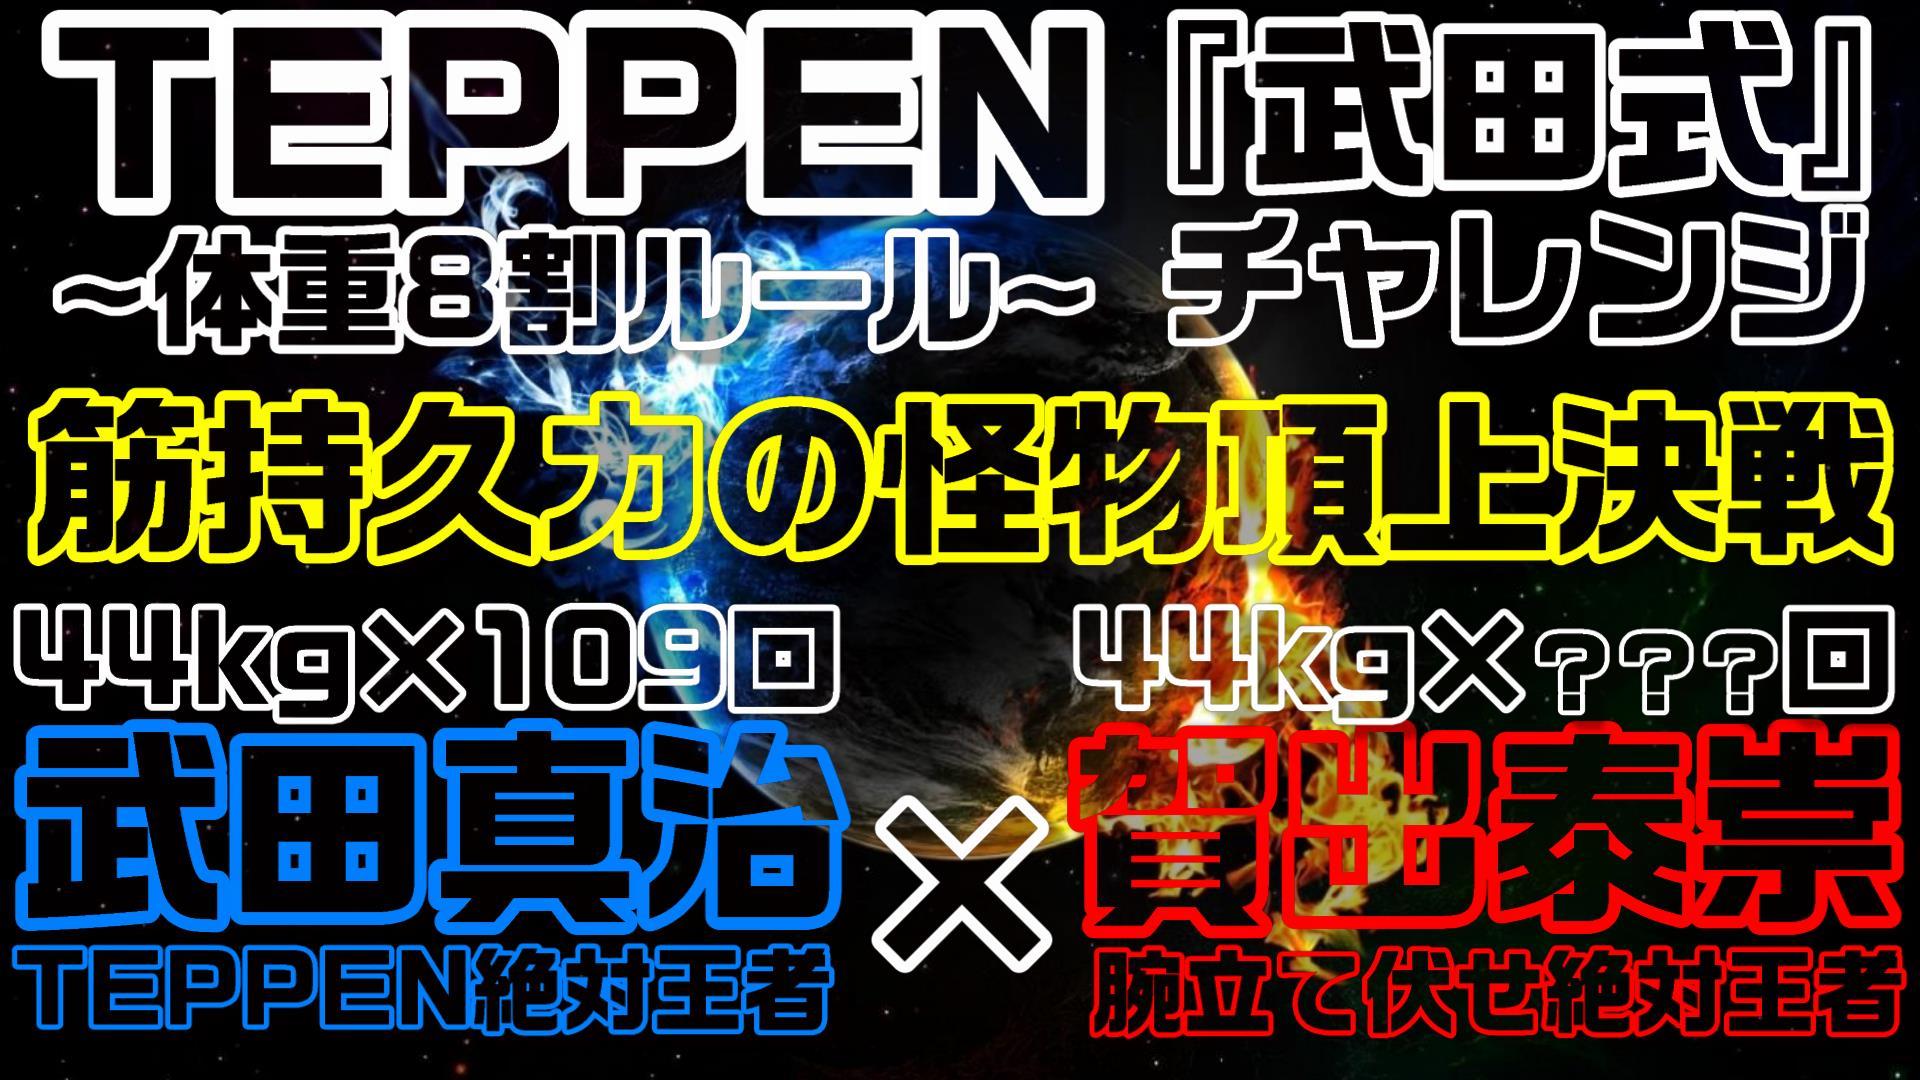 武田真治の持つTEPEENベンチプレス世界記録109回に挑戦